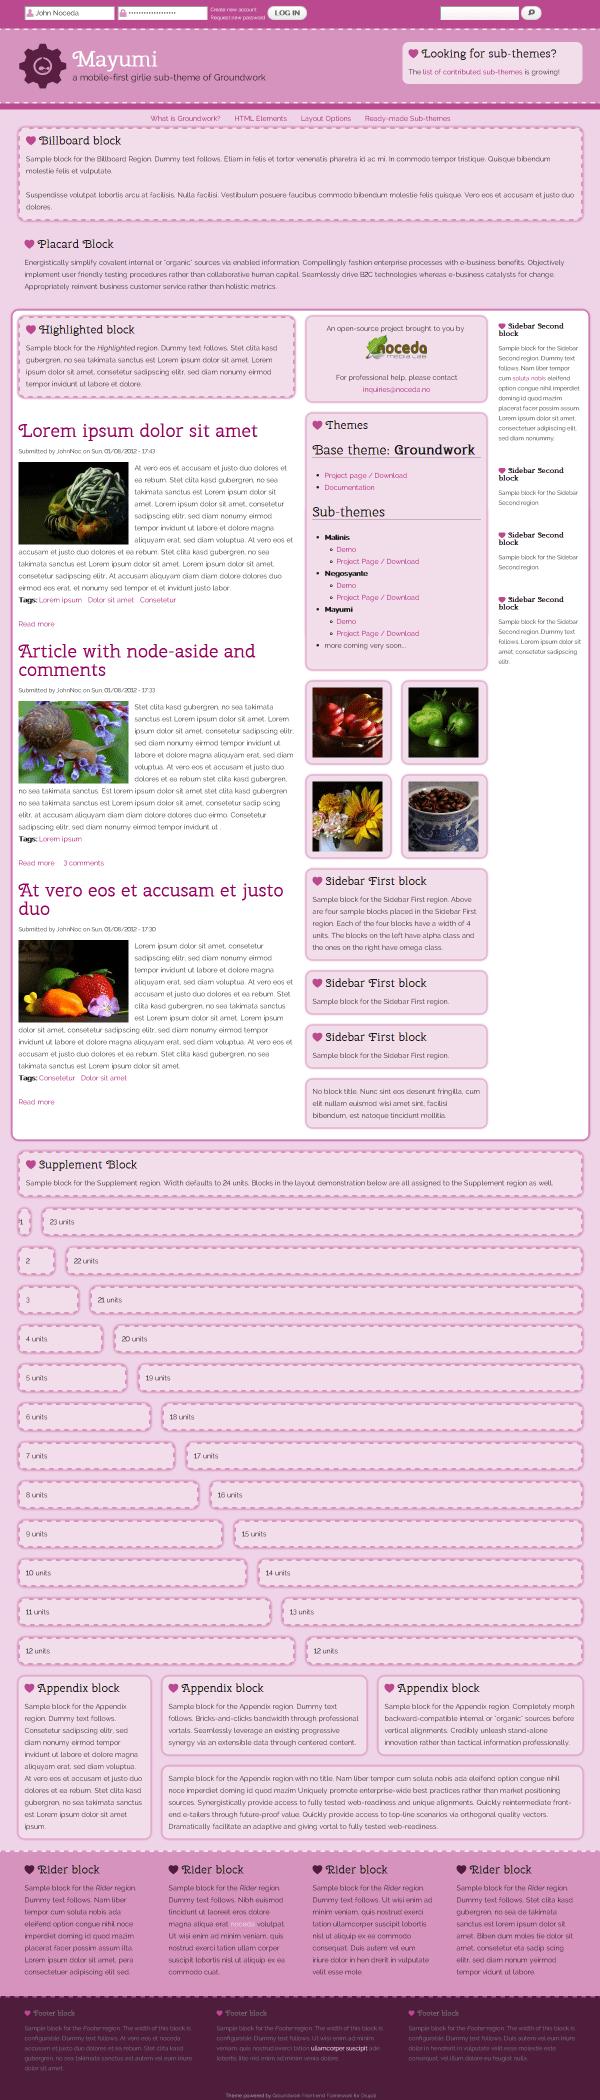 mayumi-screenshot